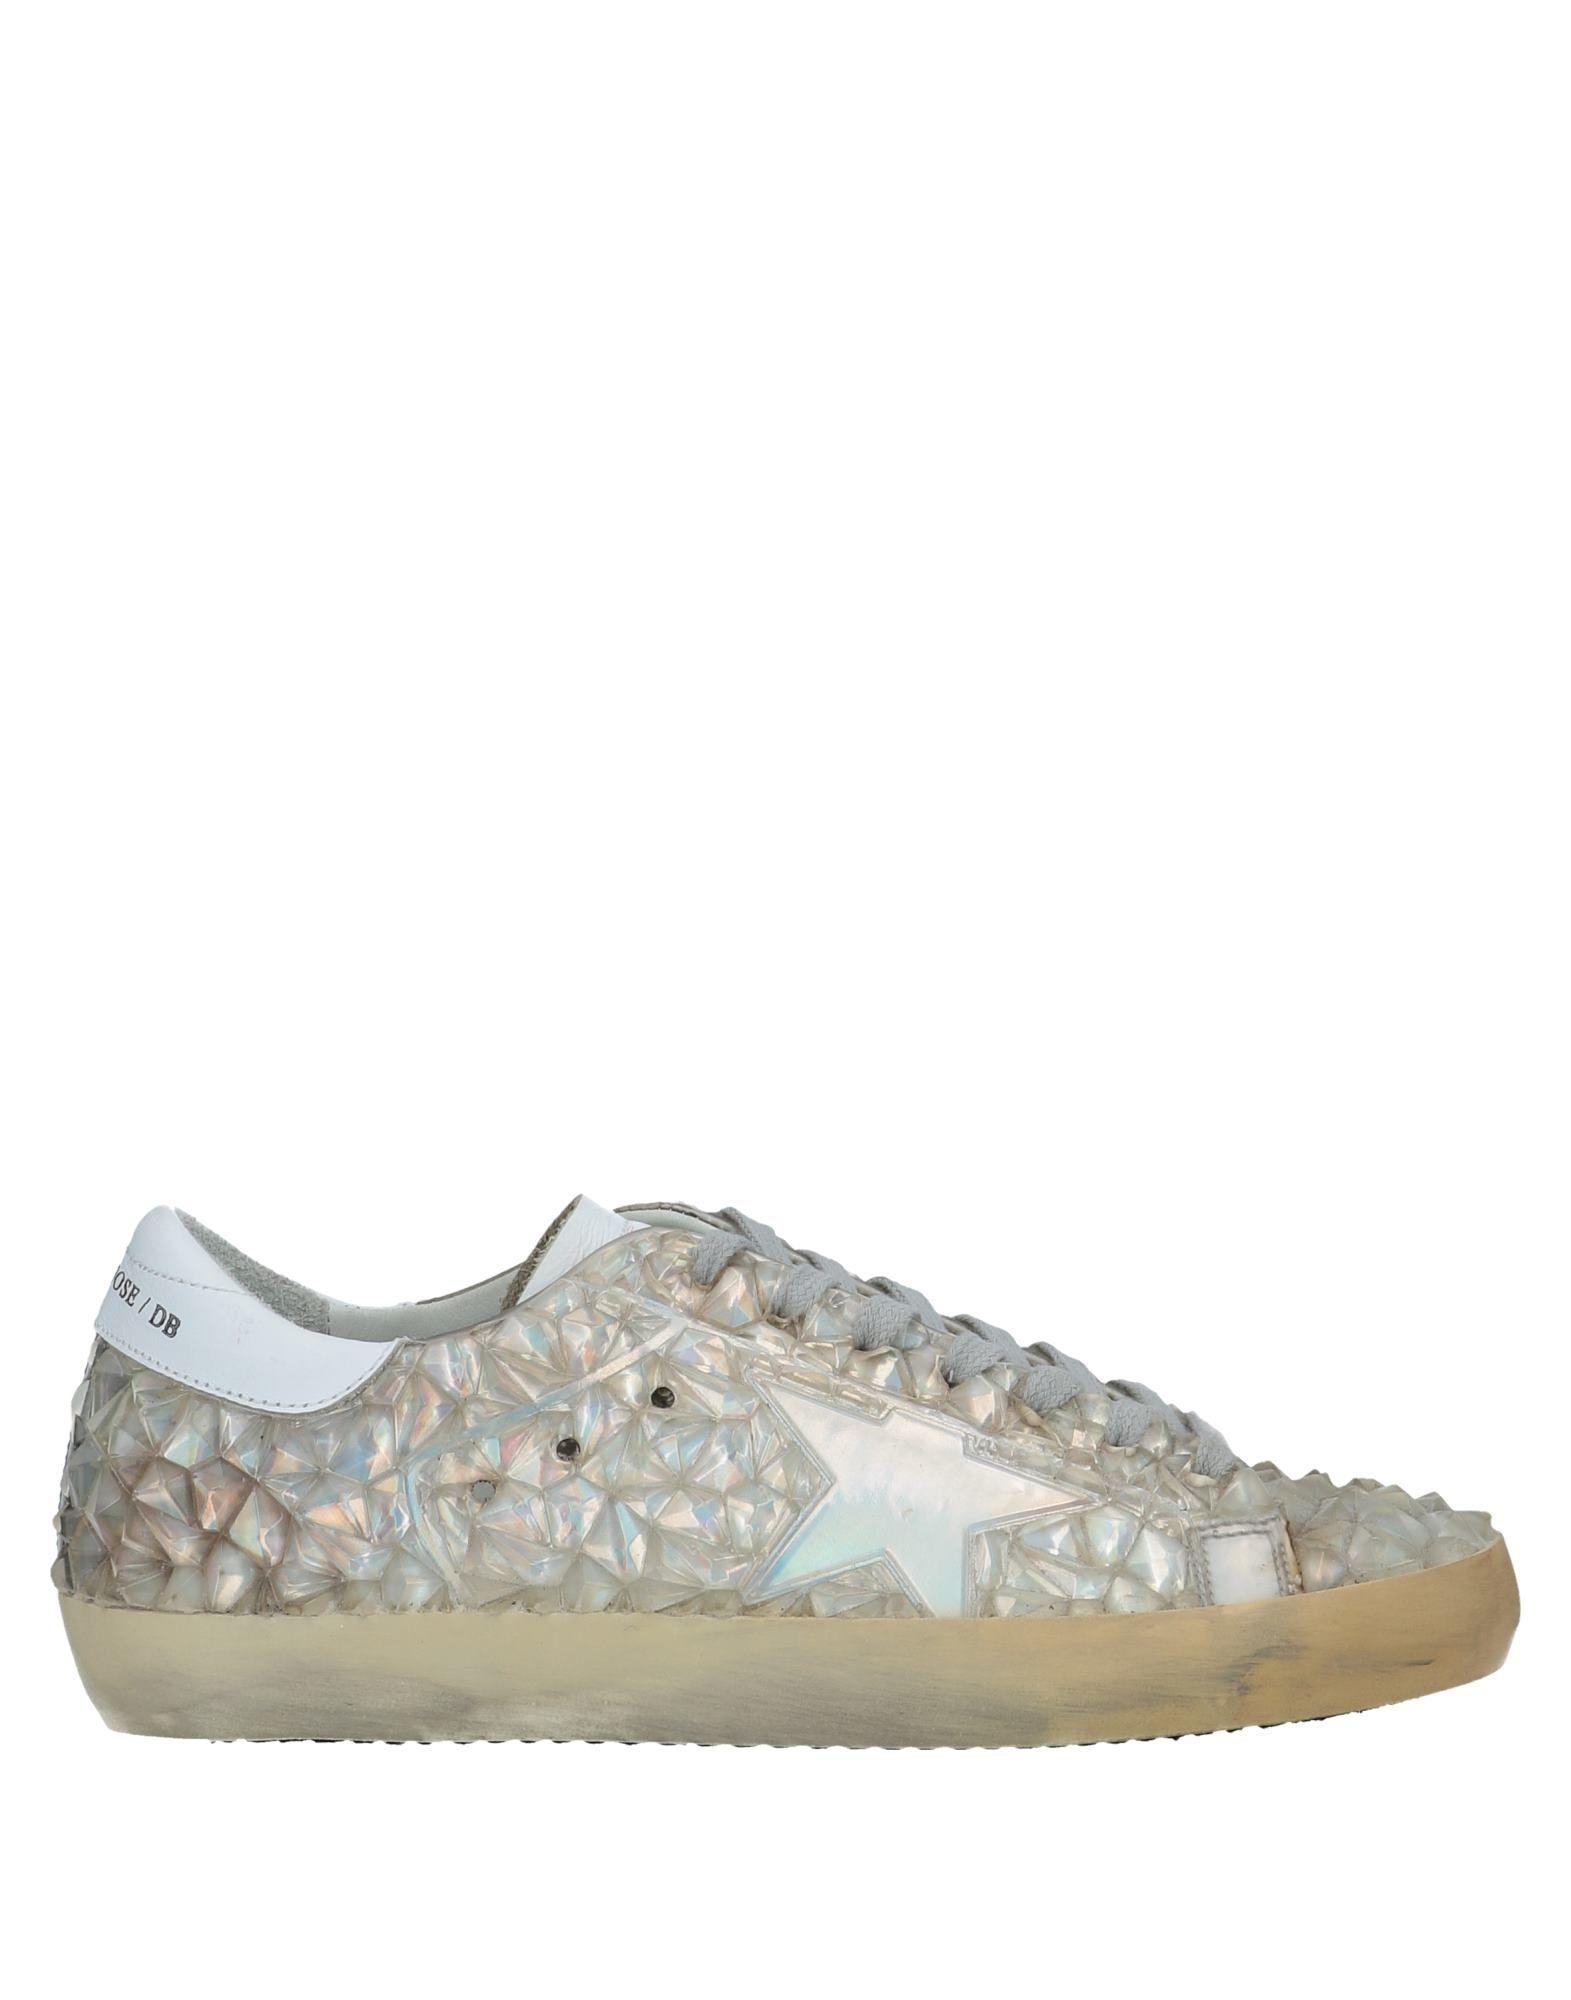 Golden Goose Deluxe Brand Sneakers - Brand Women Golden Goose Deluxe Brand - Sneakers online on  United Kingdom - 11559452WE 93eefd